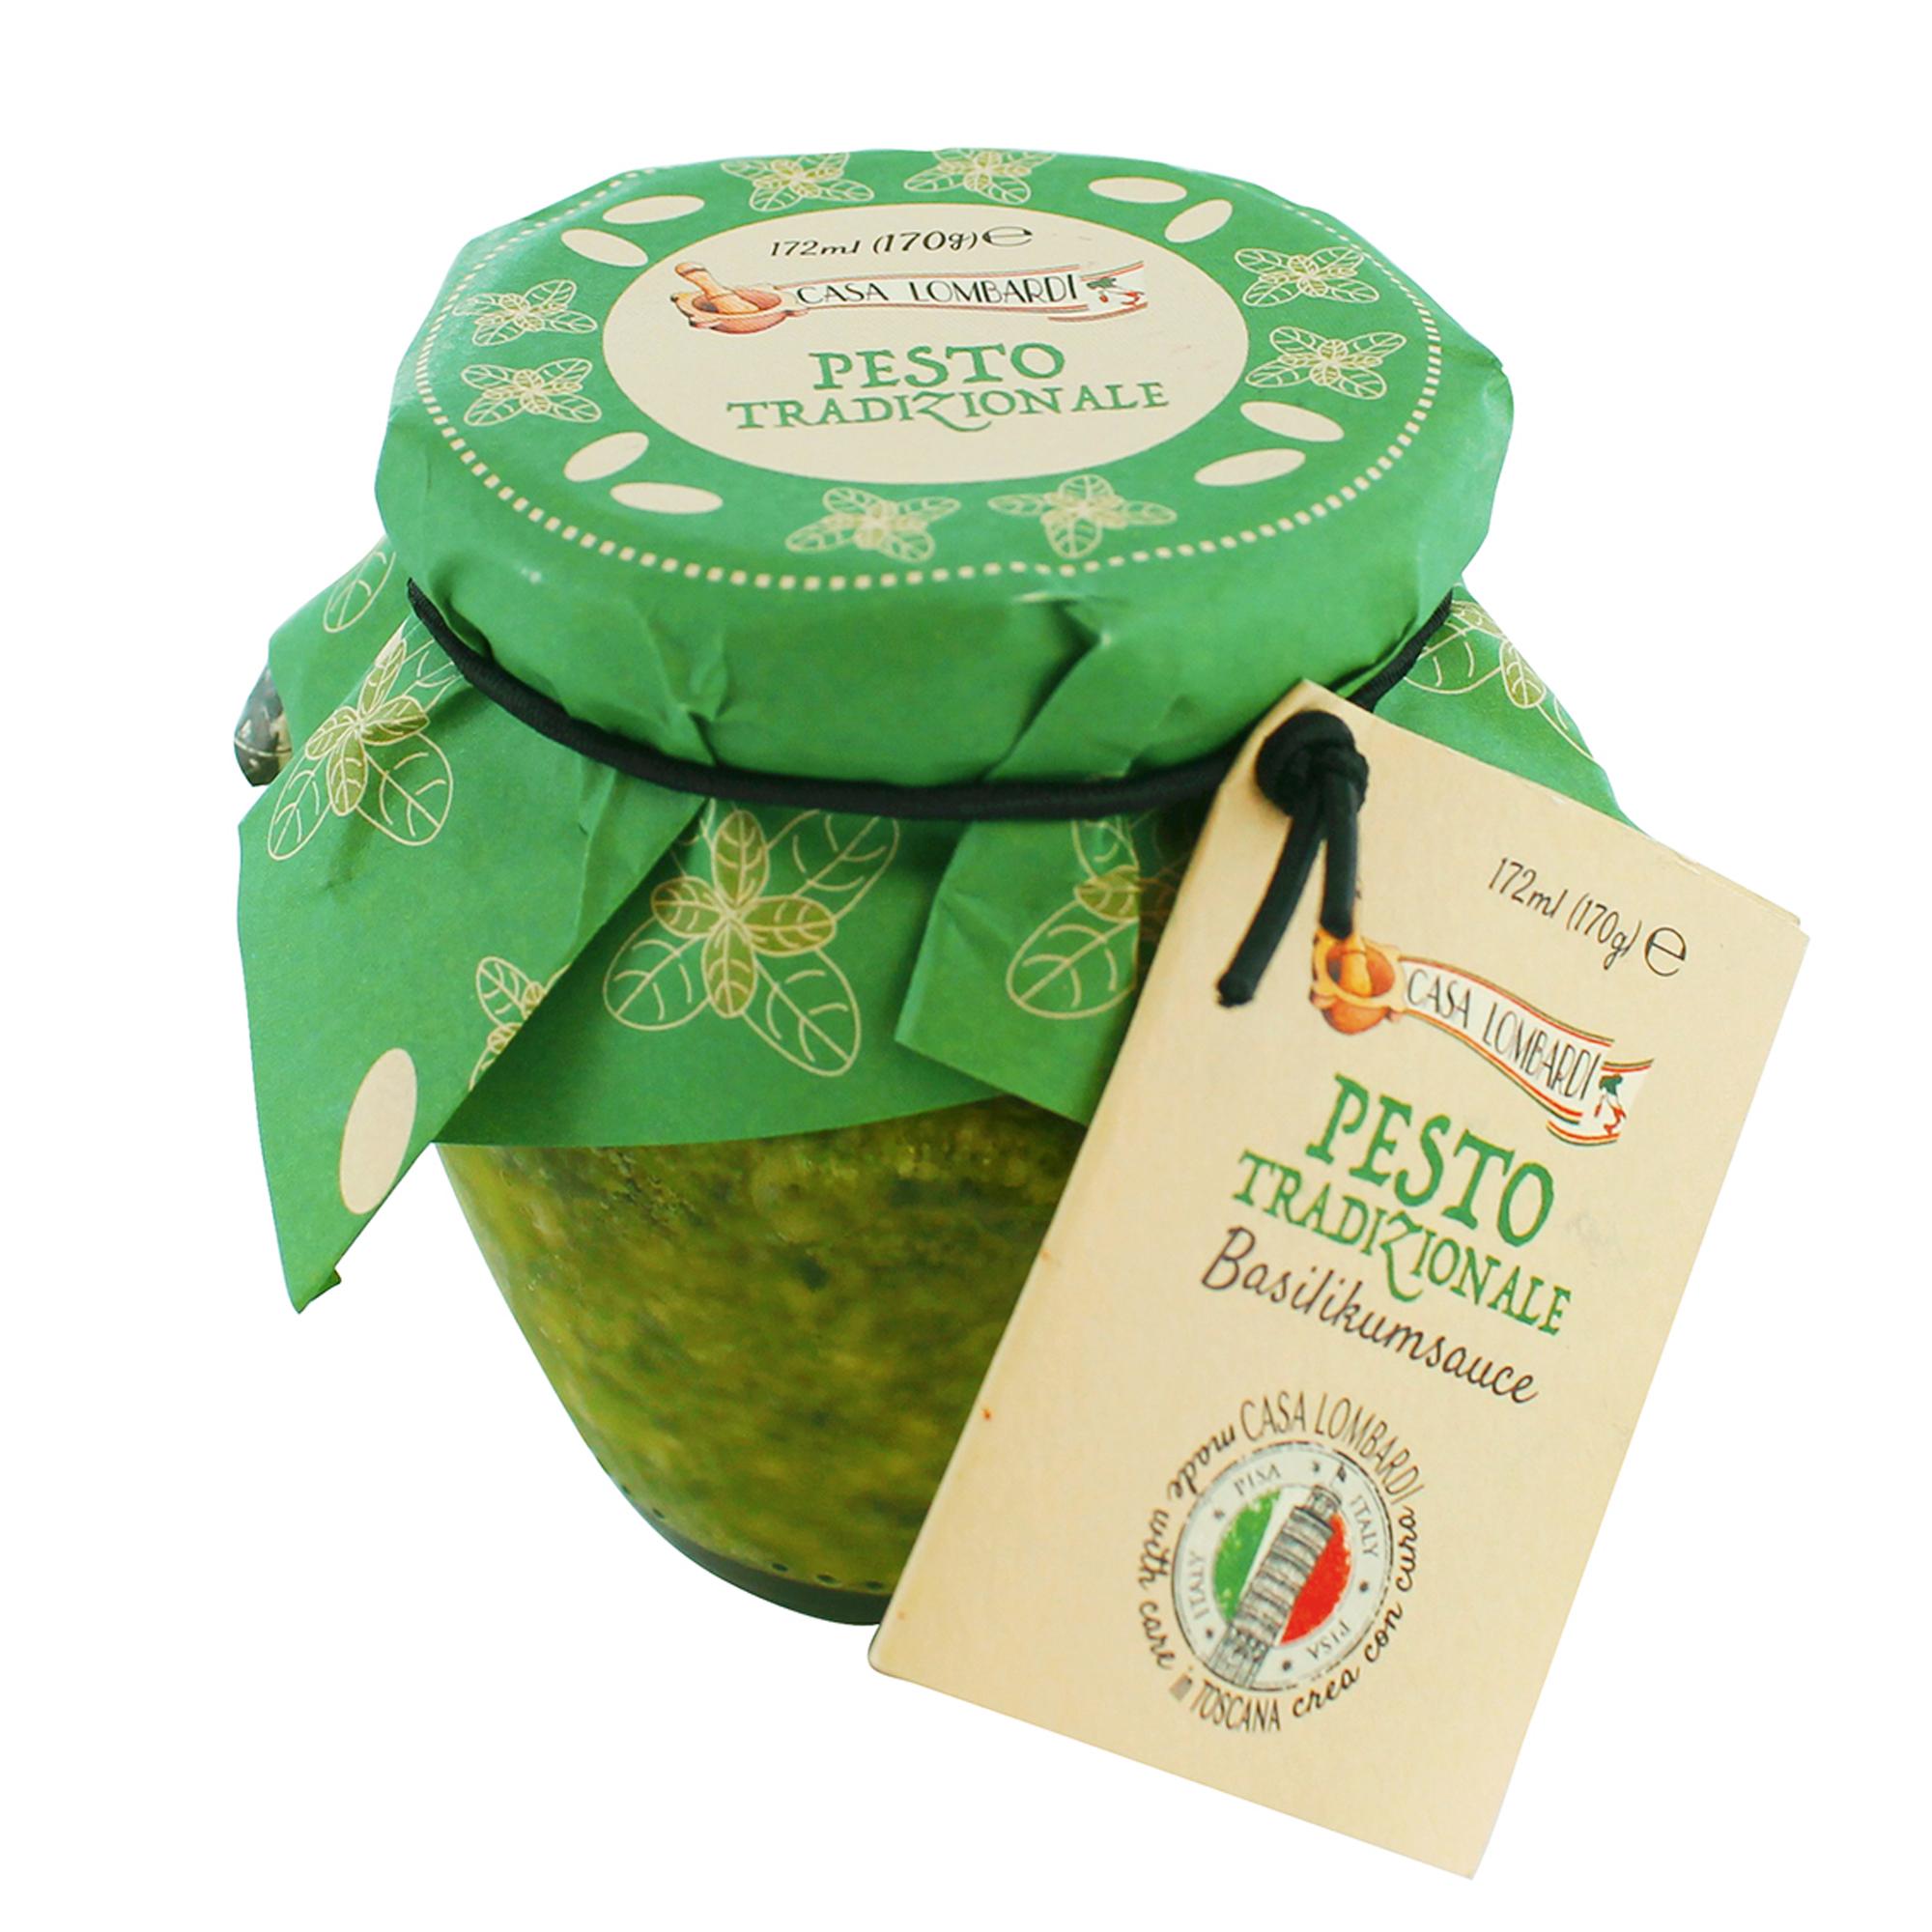 DAS ORGINAL: Il vero Pesto tradizionale 170g